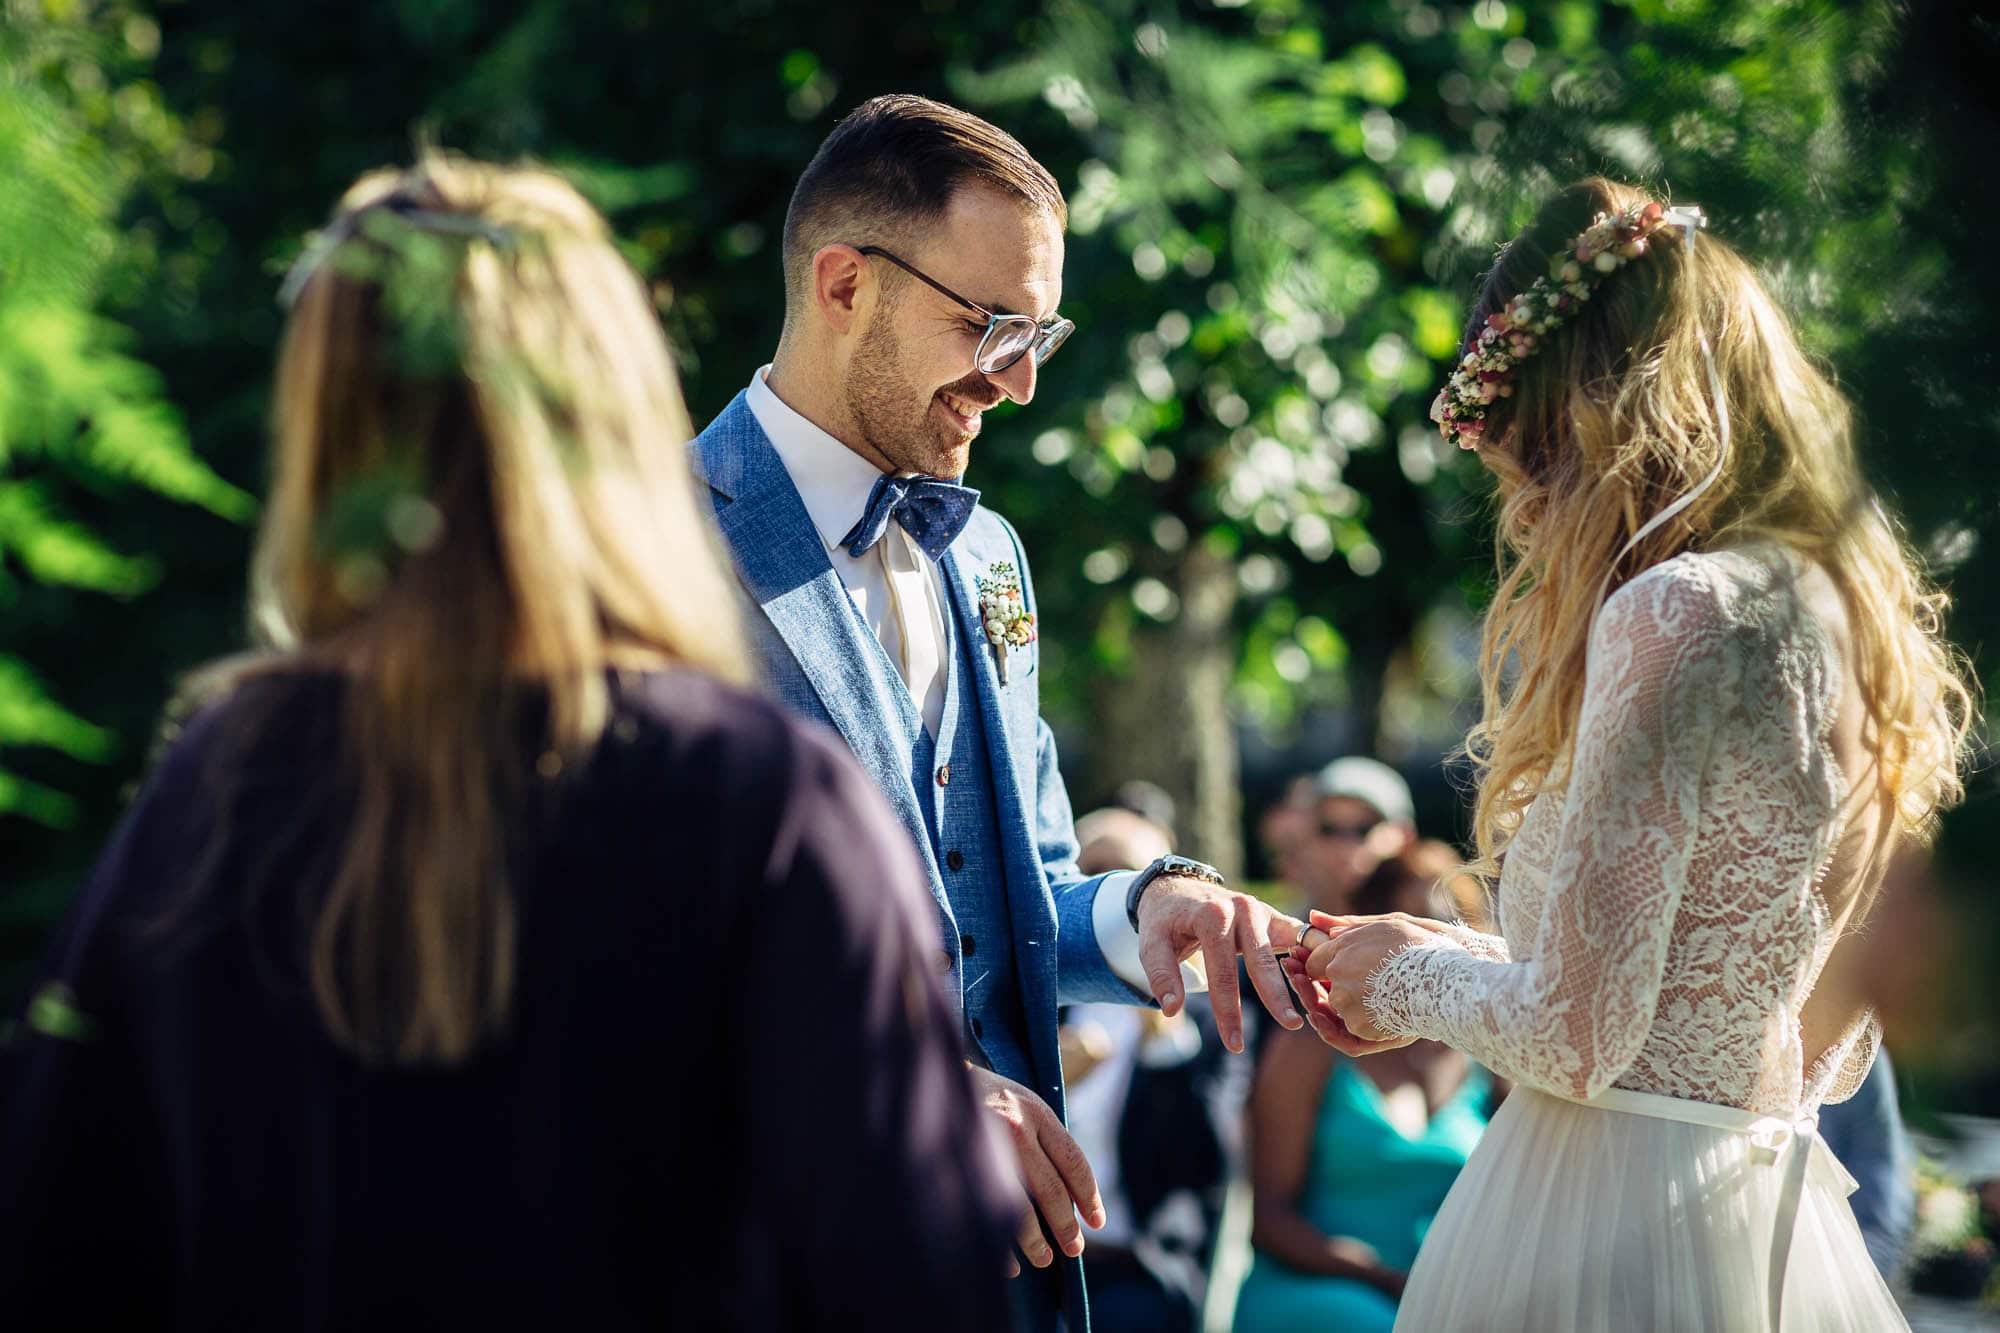 Braut steckt Bräutigam den Ehering an